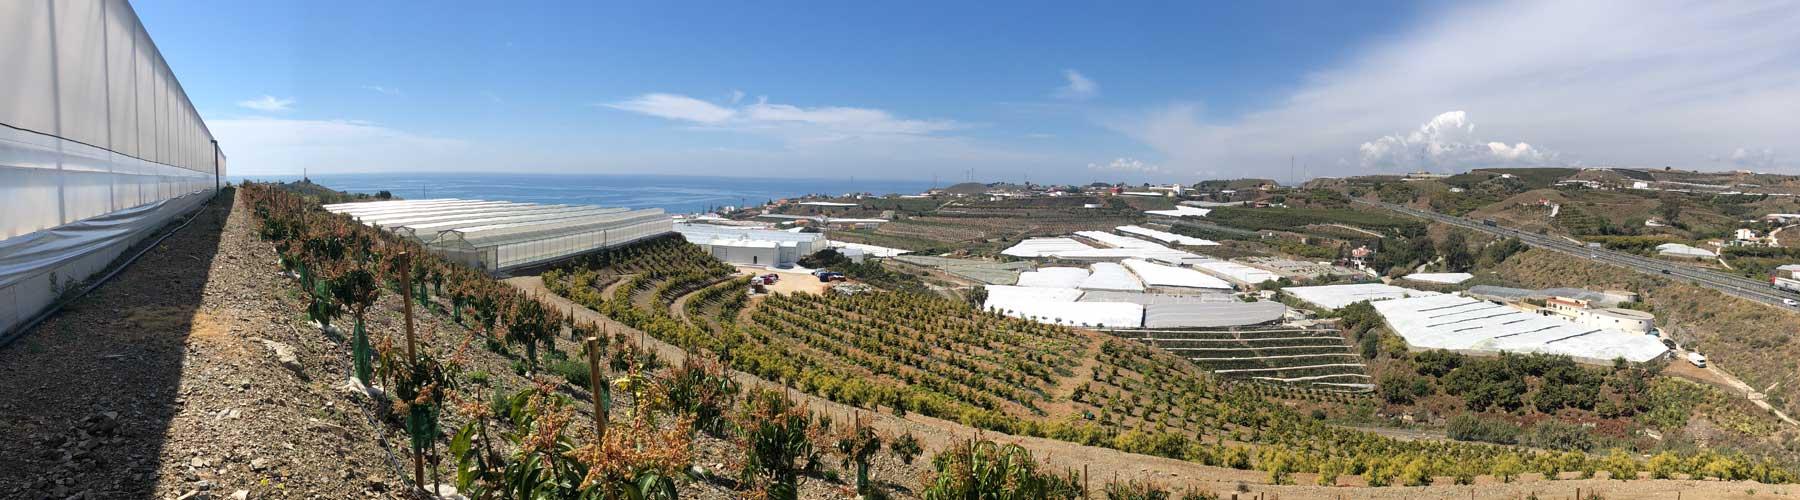 Imagen de una de las fincas de Agrotrapiche en Málaga.